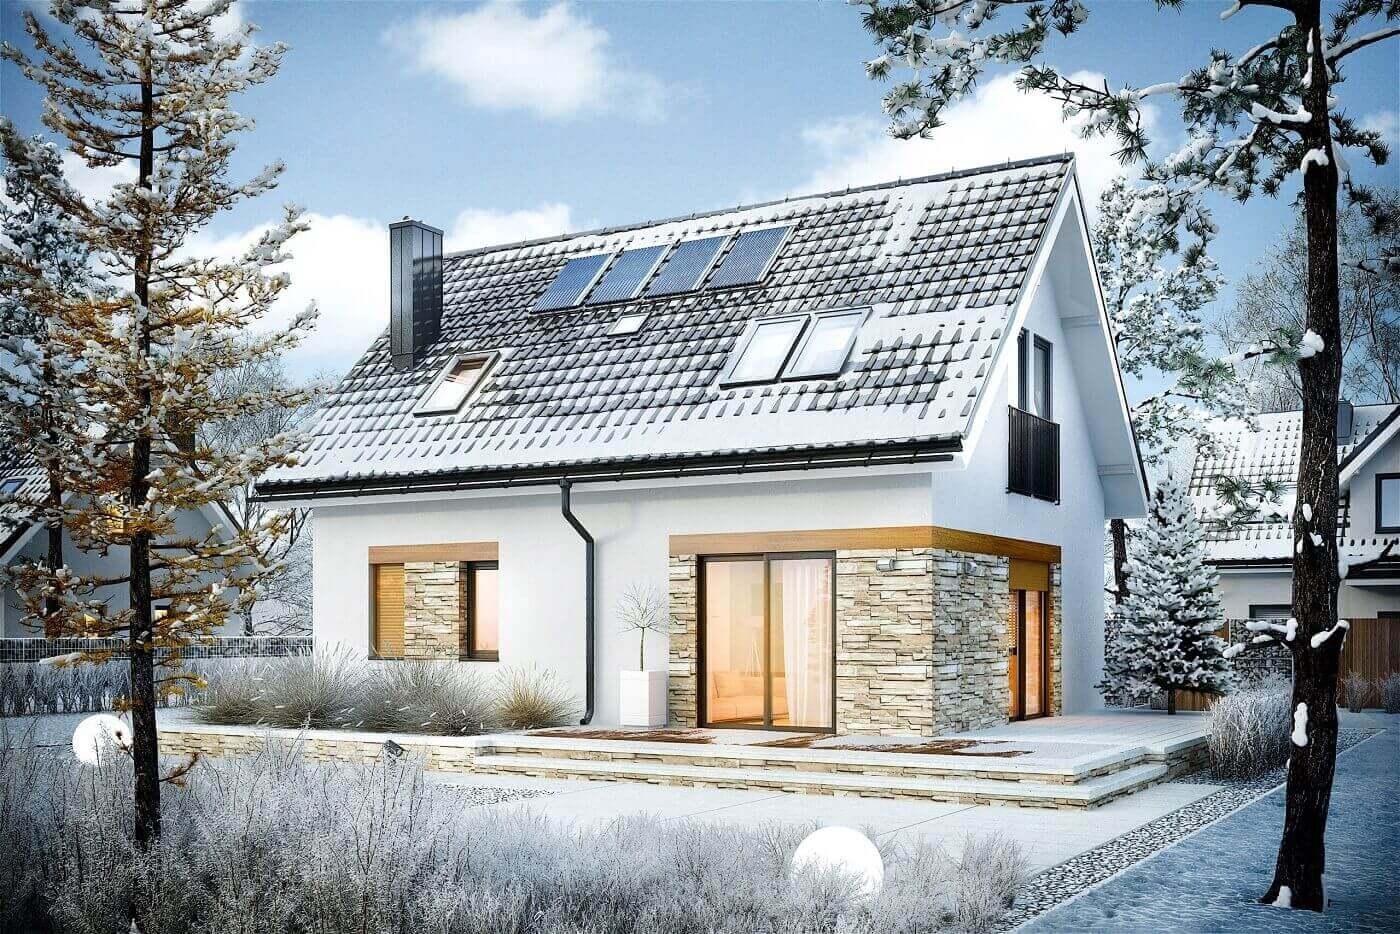 Ośnieżony dom z zamarzniętymi roletami zewnętrznymi